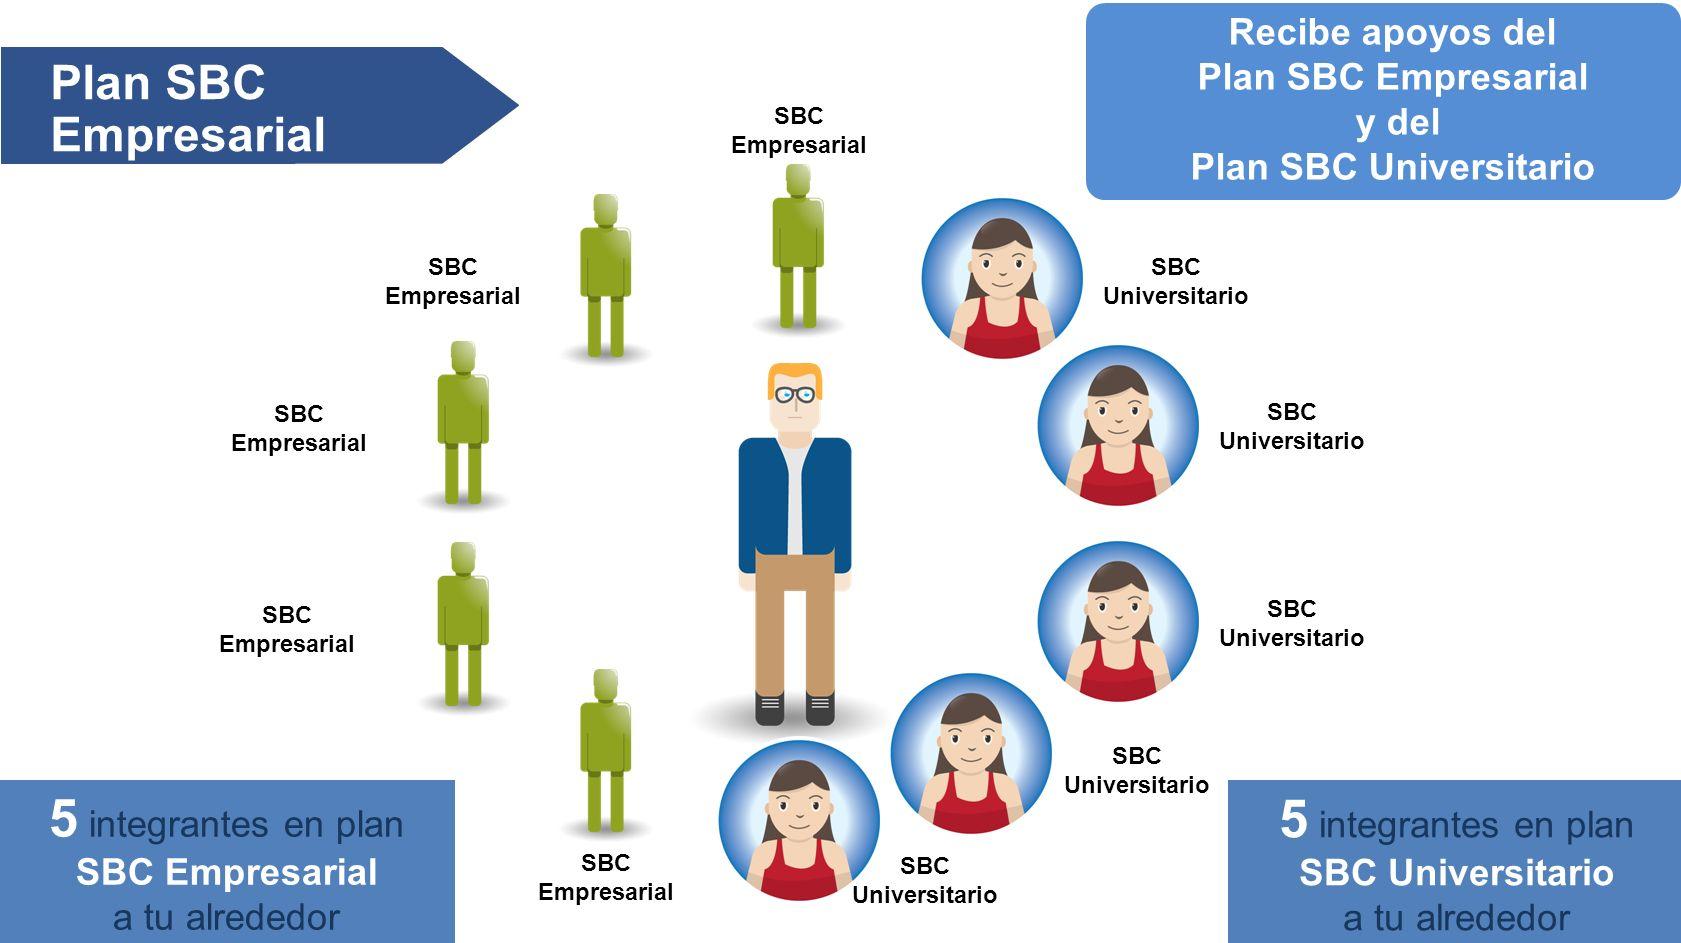 Plan SBC Empresarial SBC Empresarial SBC Universitario 5 integrantes en plan SBC Empresarial a tu alrededor 5 integrantes en plan SBC Universitario a tu alrededor Recibe apoyos del Plan SBC Empresarial y del Plan SBC Universitario